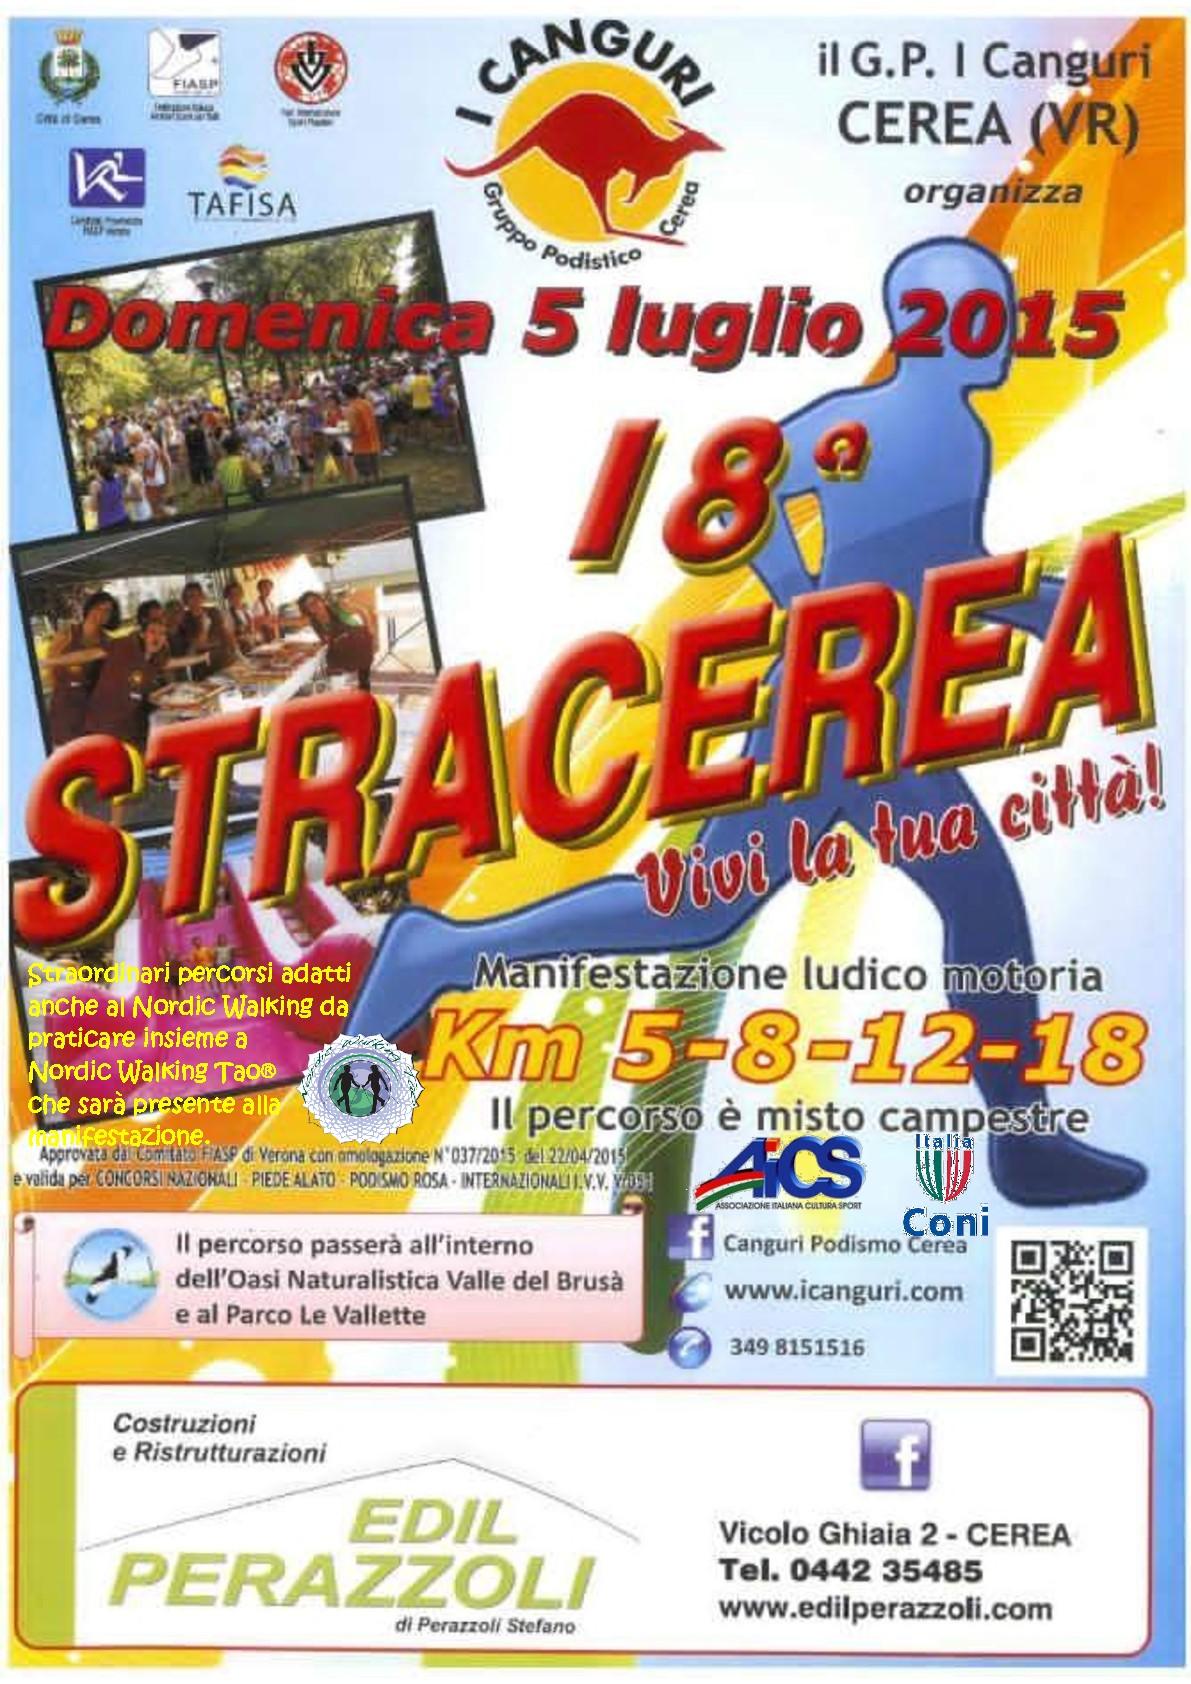 5luglioStracerea1-001-001